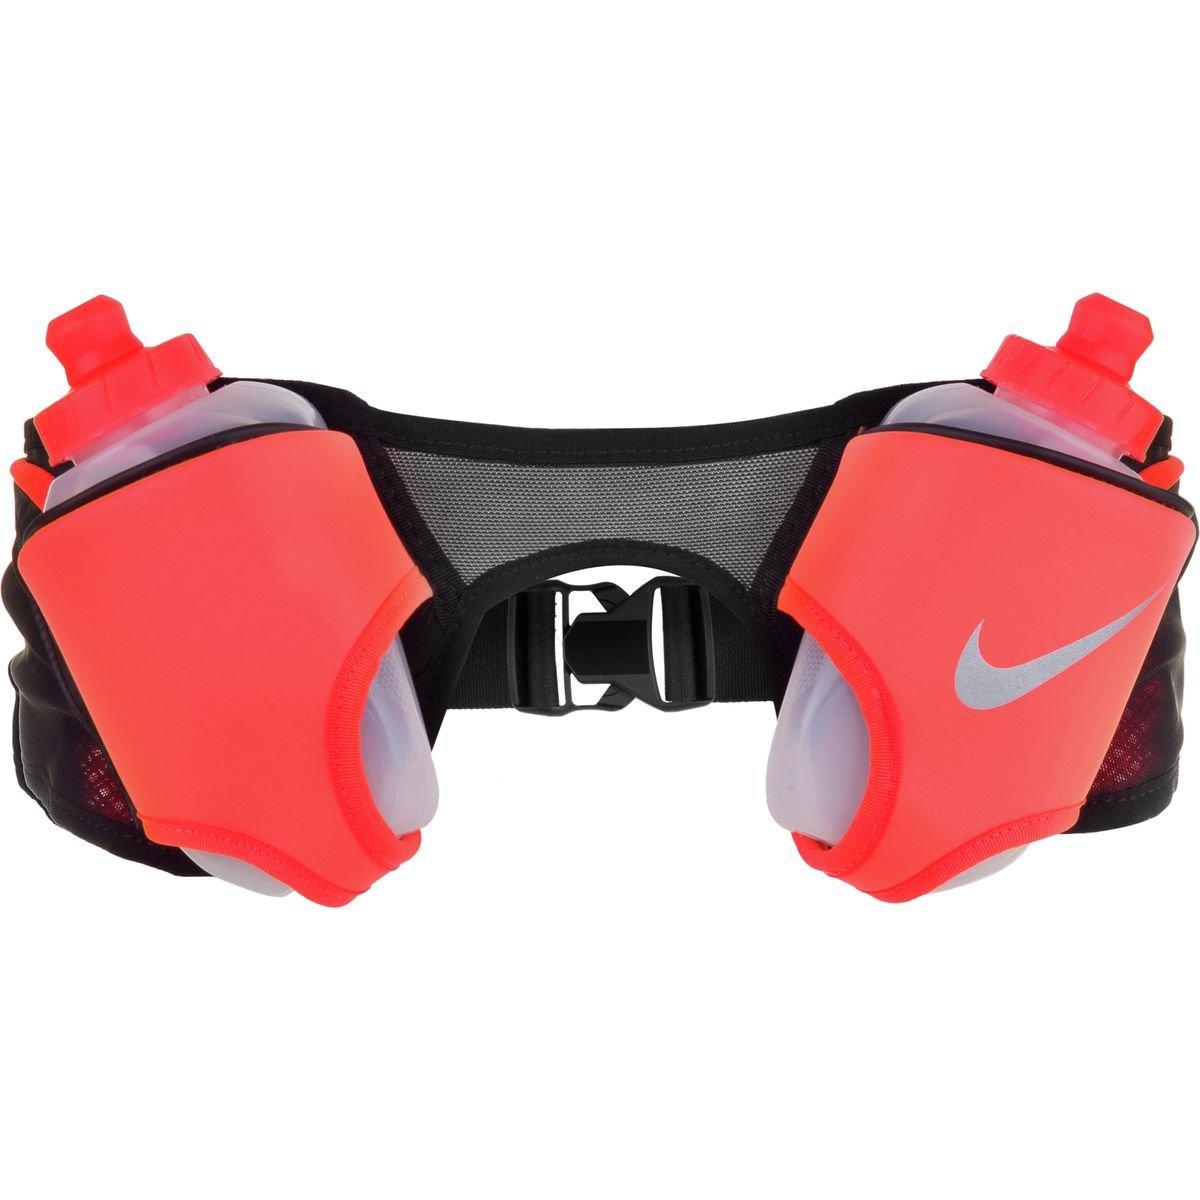 (ナイキ) Nike Double Flask Hydration Beltメンズ バックパック リュック Black/Total Crimson/Silver [並行輸入品]   B0767DKRYB